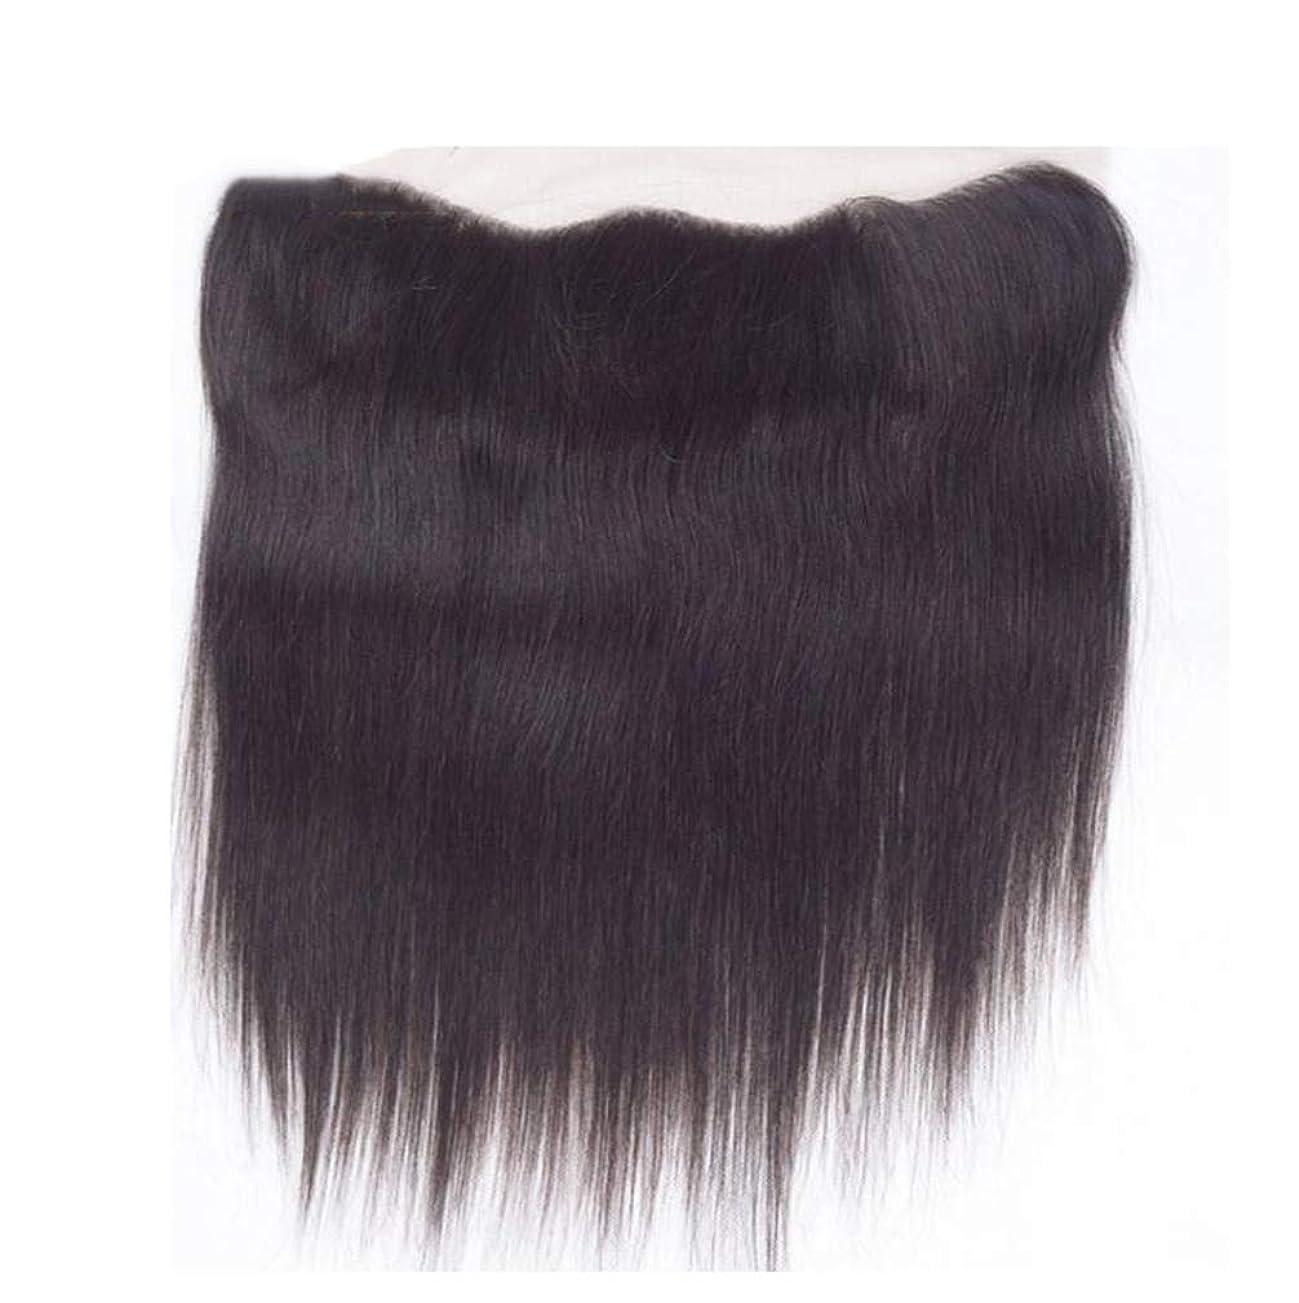 かつら人間かつらストレート織りヘアエクステンションレースフロント閉鎖漂白ノットナチュラル